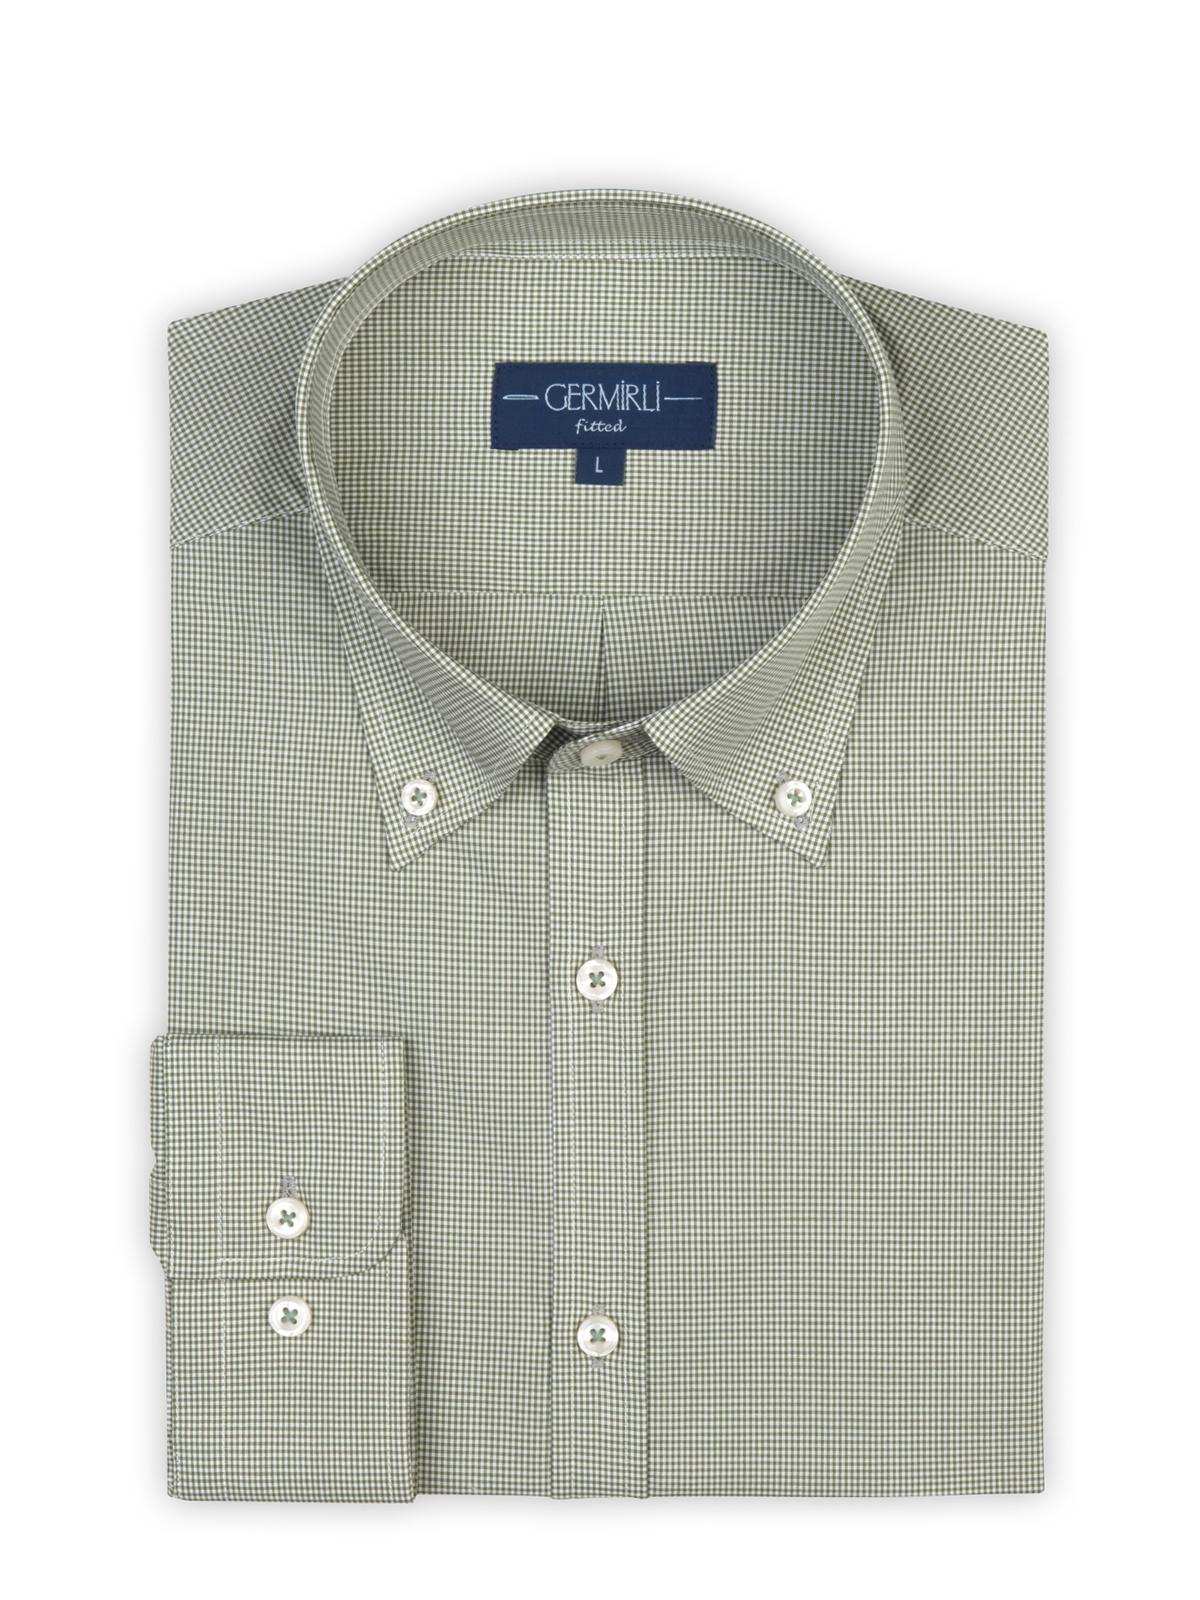 Germirli Açık Yeşil Piti Kareli Düğmeli Yaka Tailor Fit Gömlek